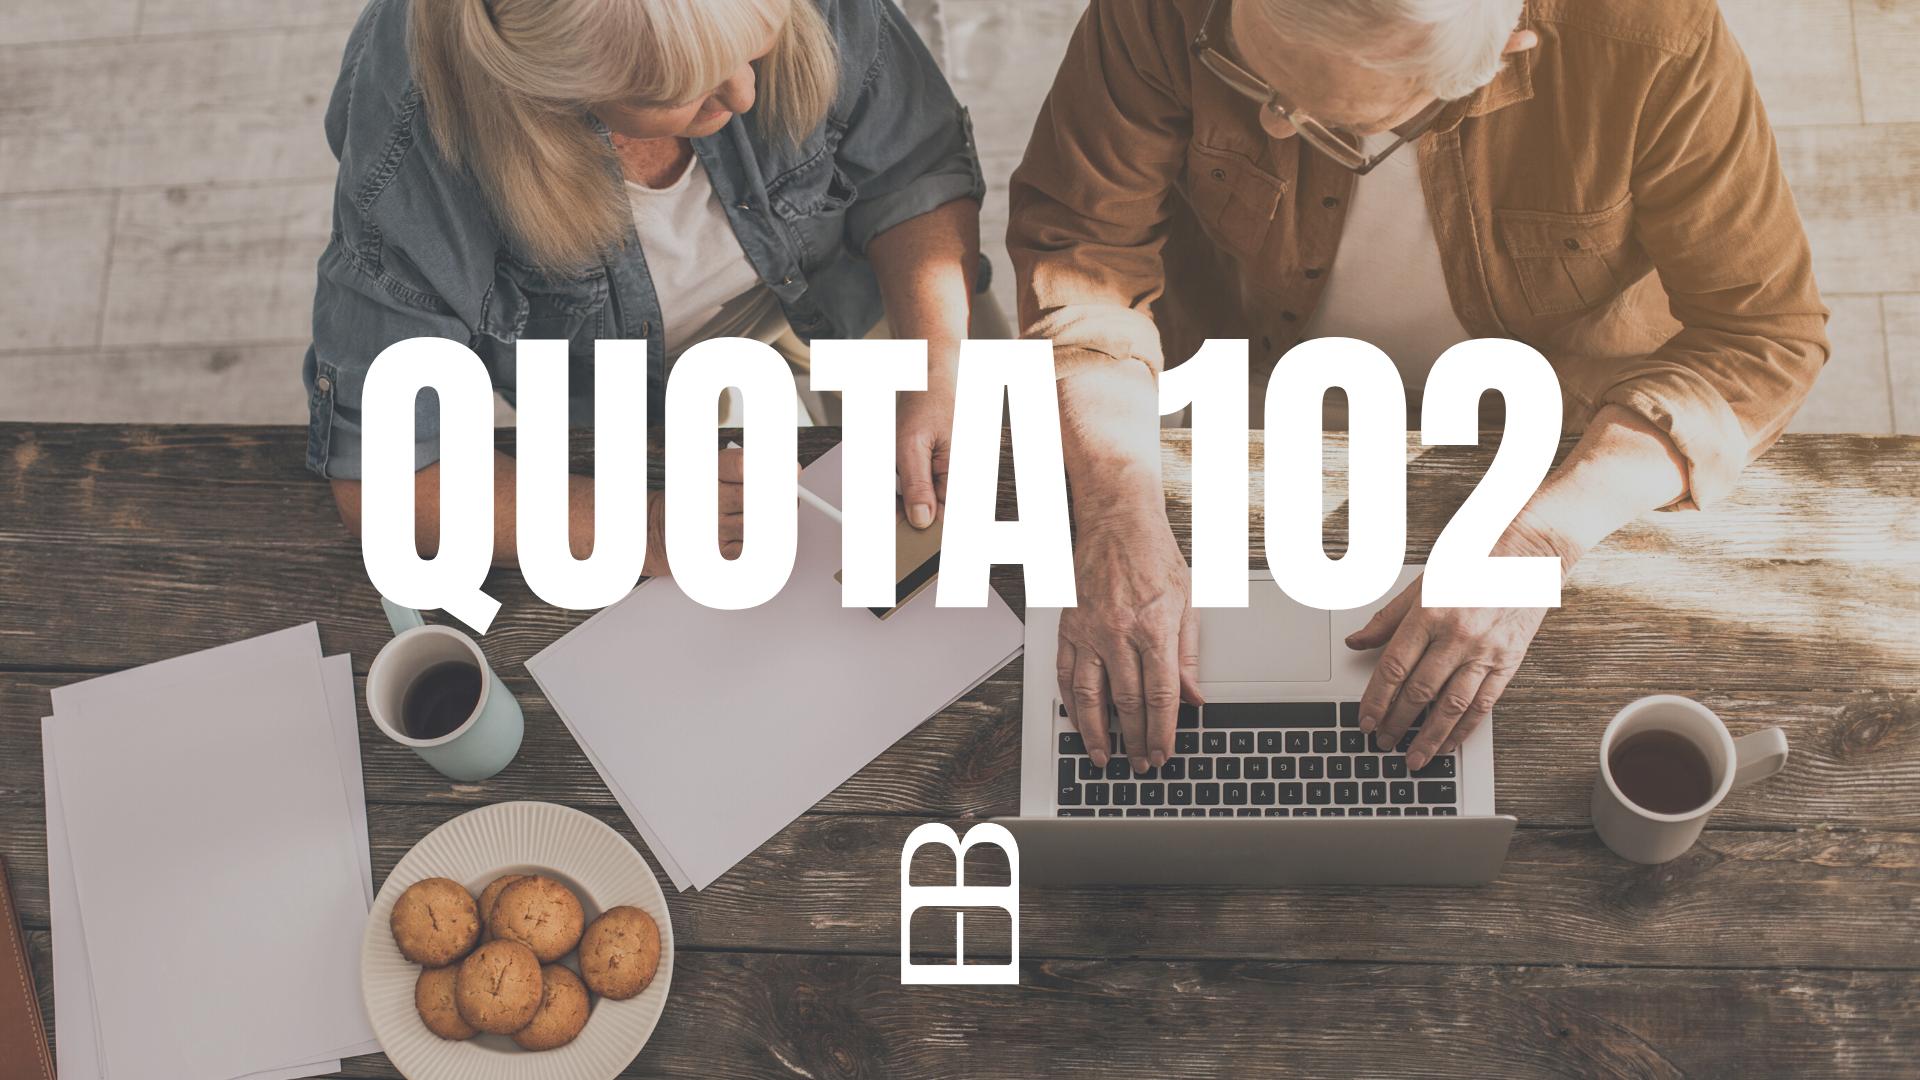 Quota 102: allo studio la nuova riforma delle pensioni. Cosa prevede?